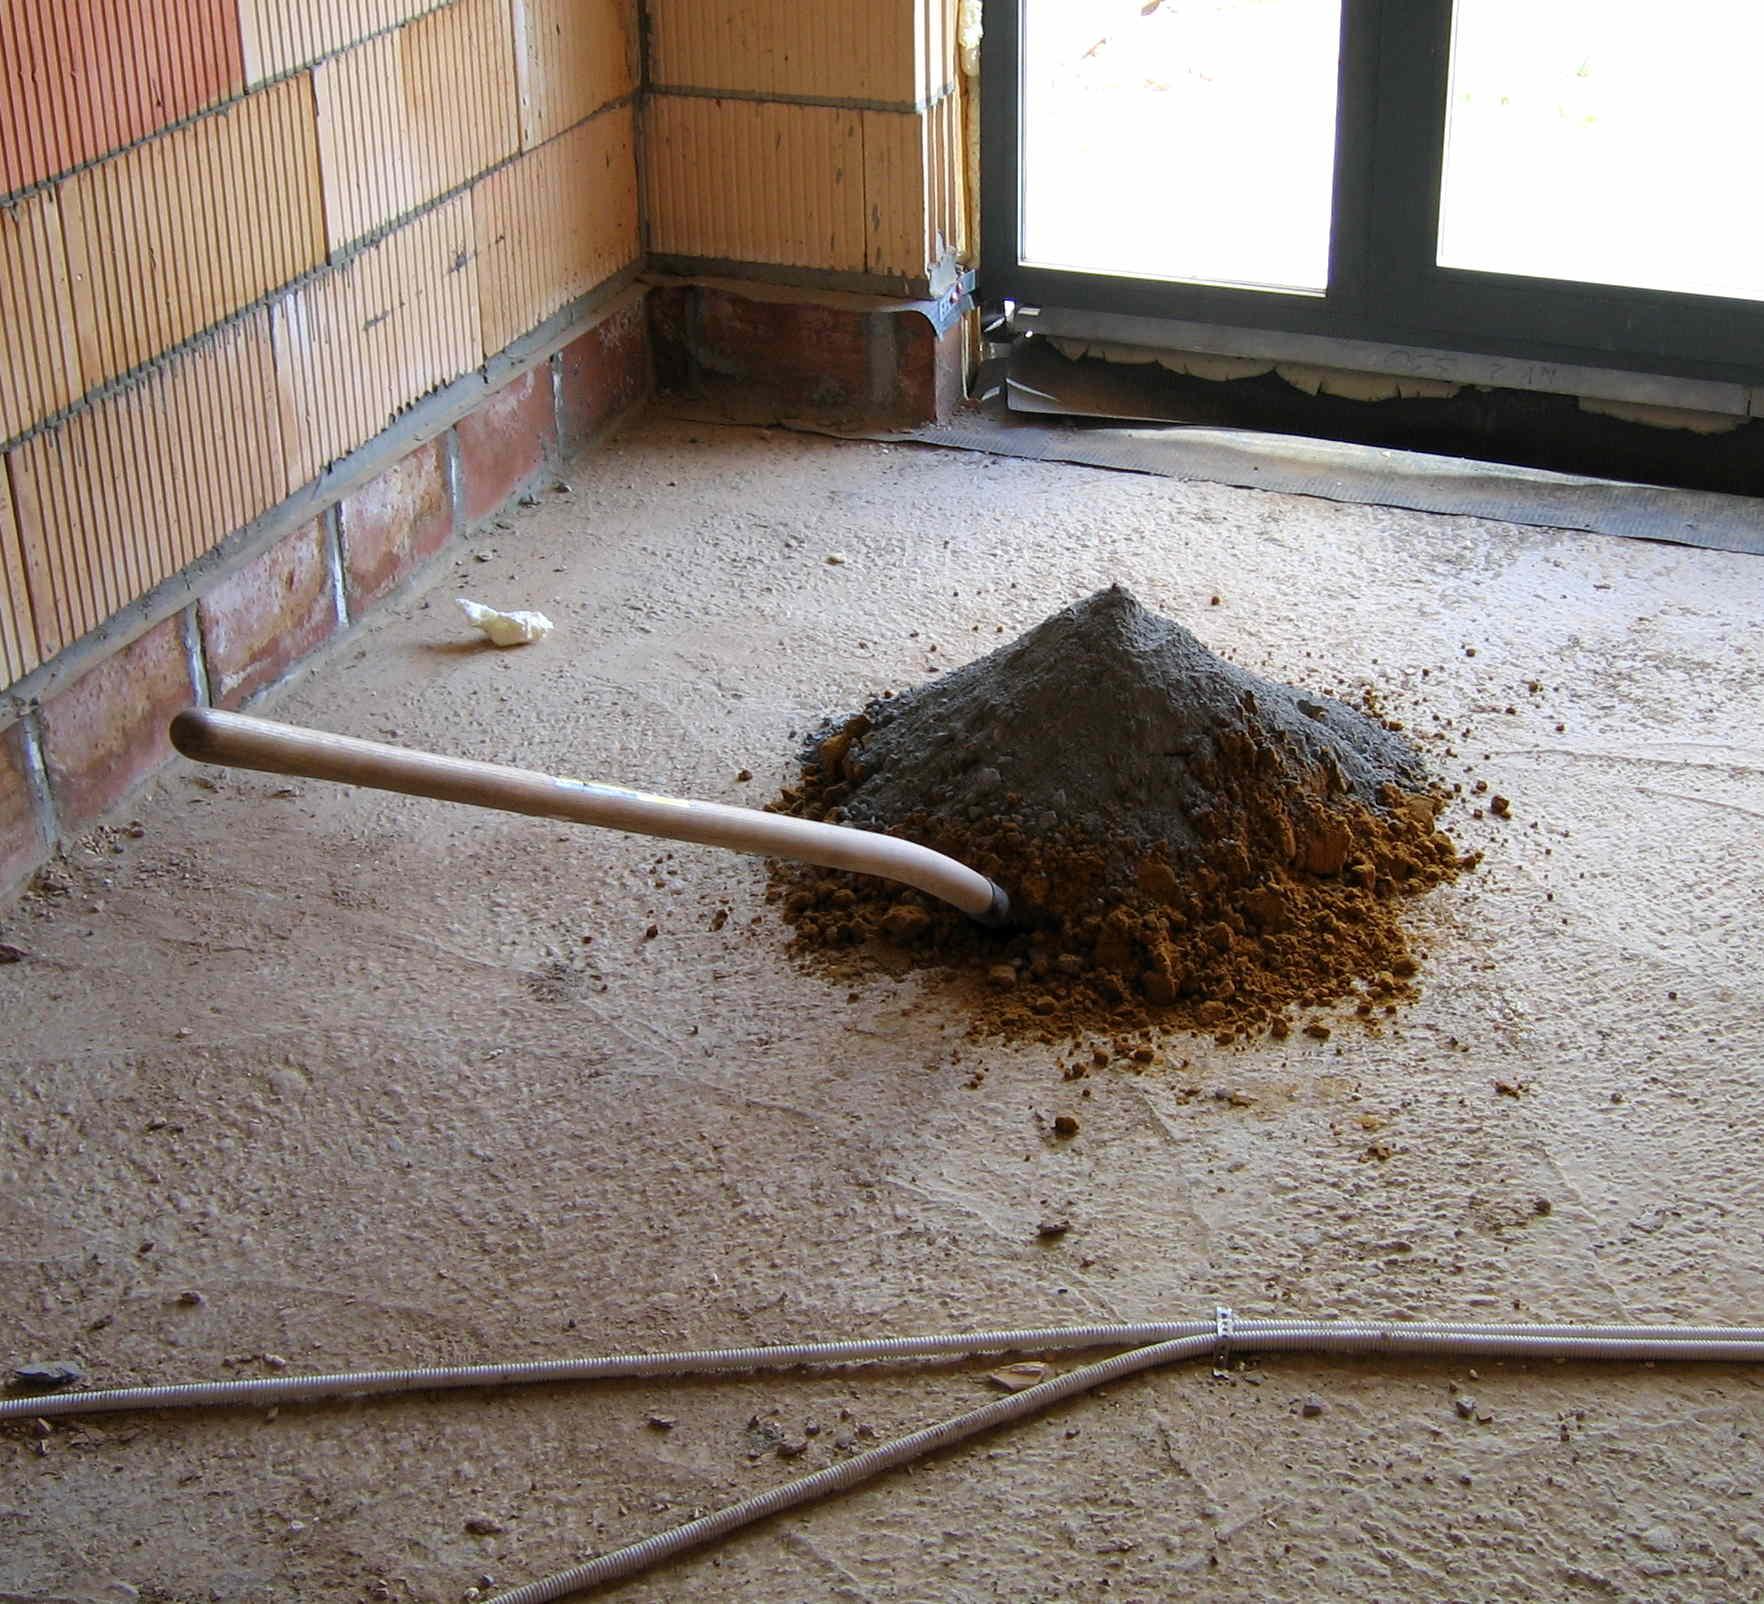 Depiction of Mortero de cemento